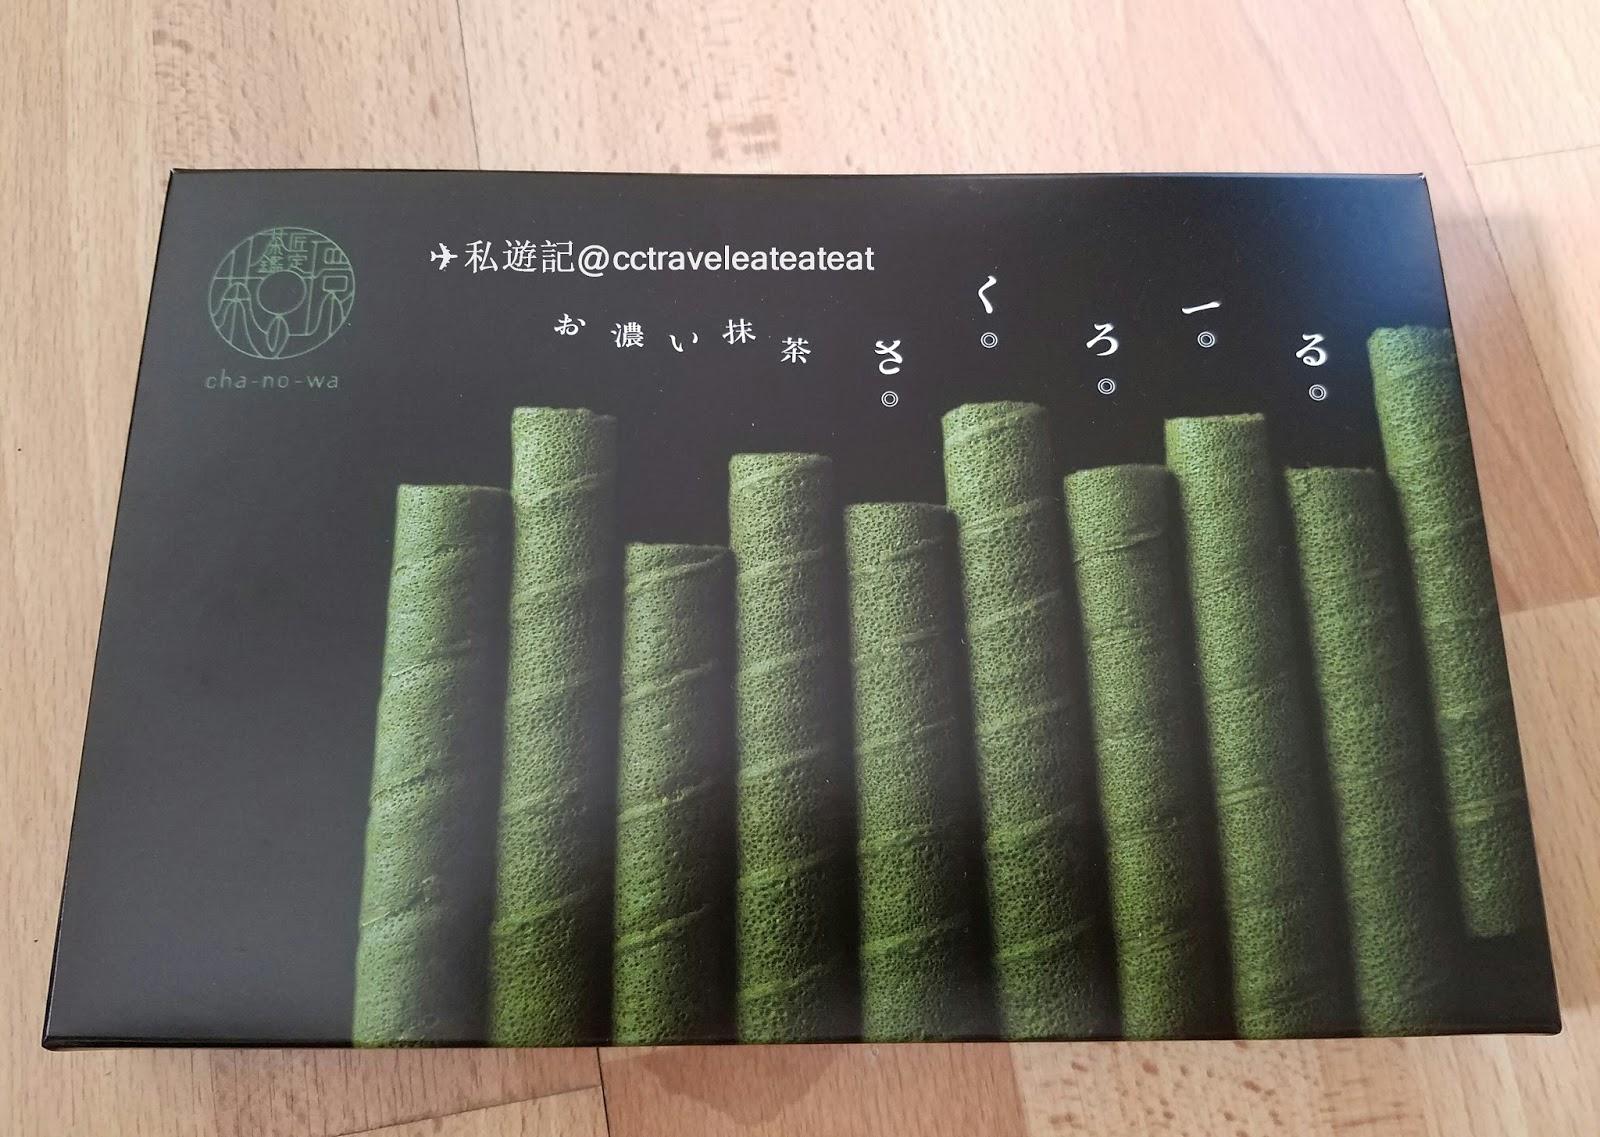 私遊記: 【日本買買買】特濃抹茶蛋卷~ 茶匠鑑定 茶之環 (茶の環 cha - no - wa )